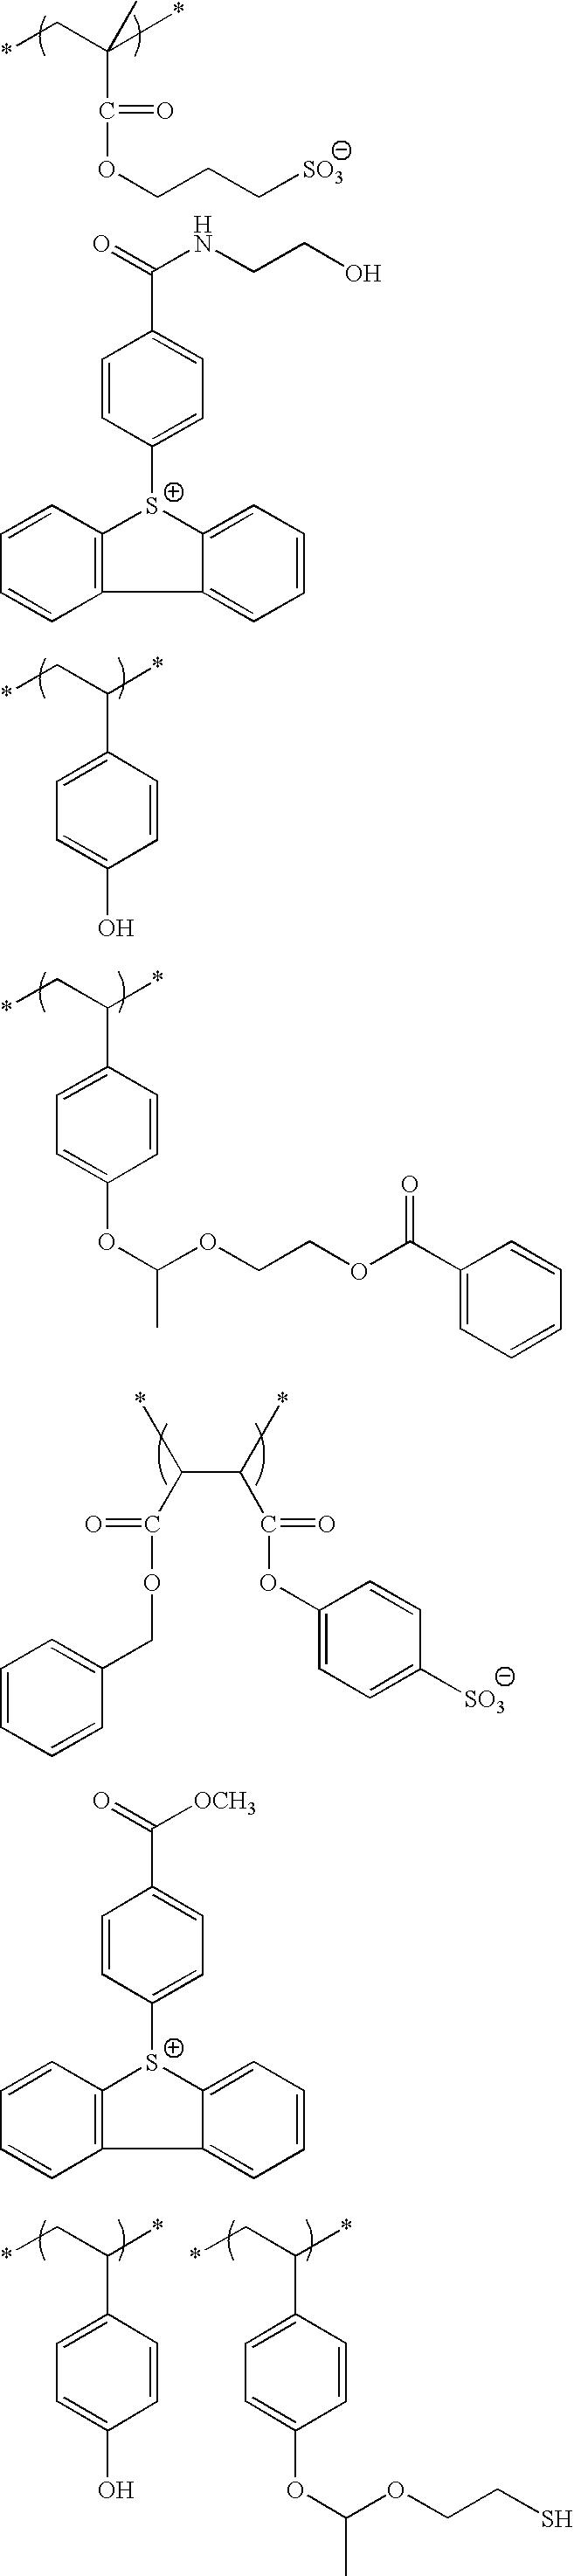 Figure US08852845-20141007-C00174